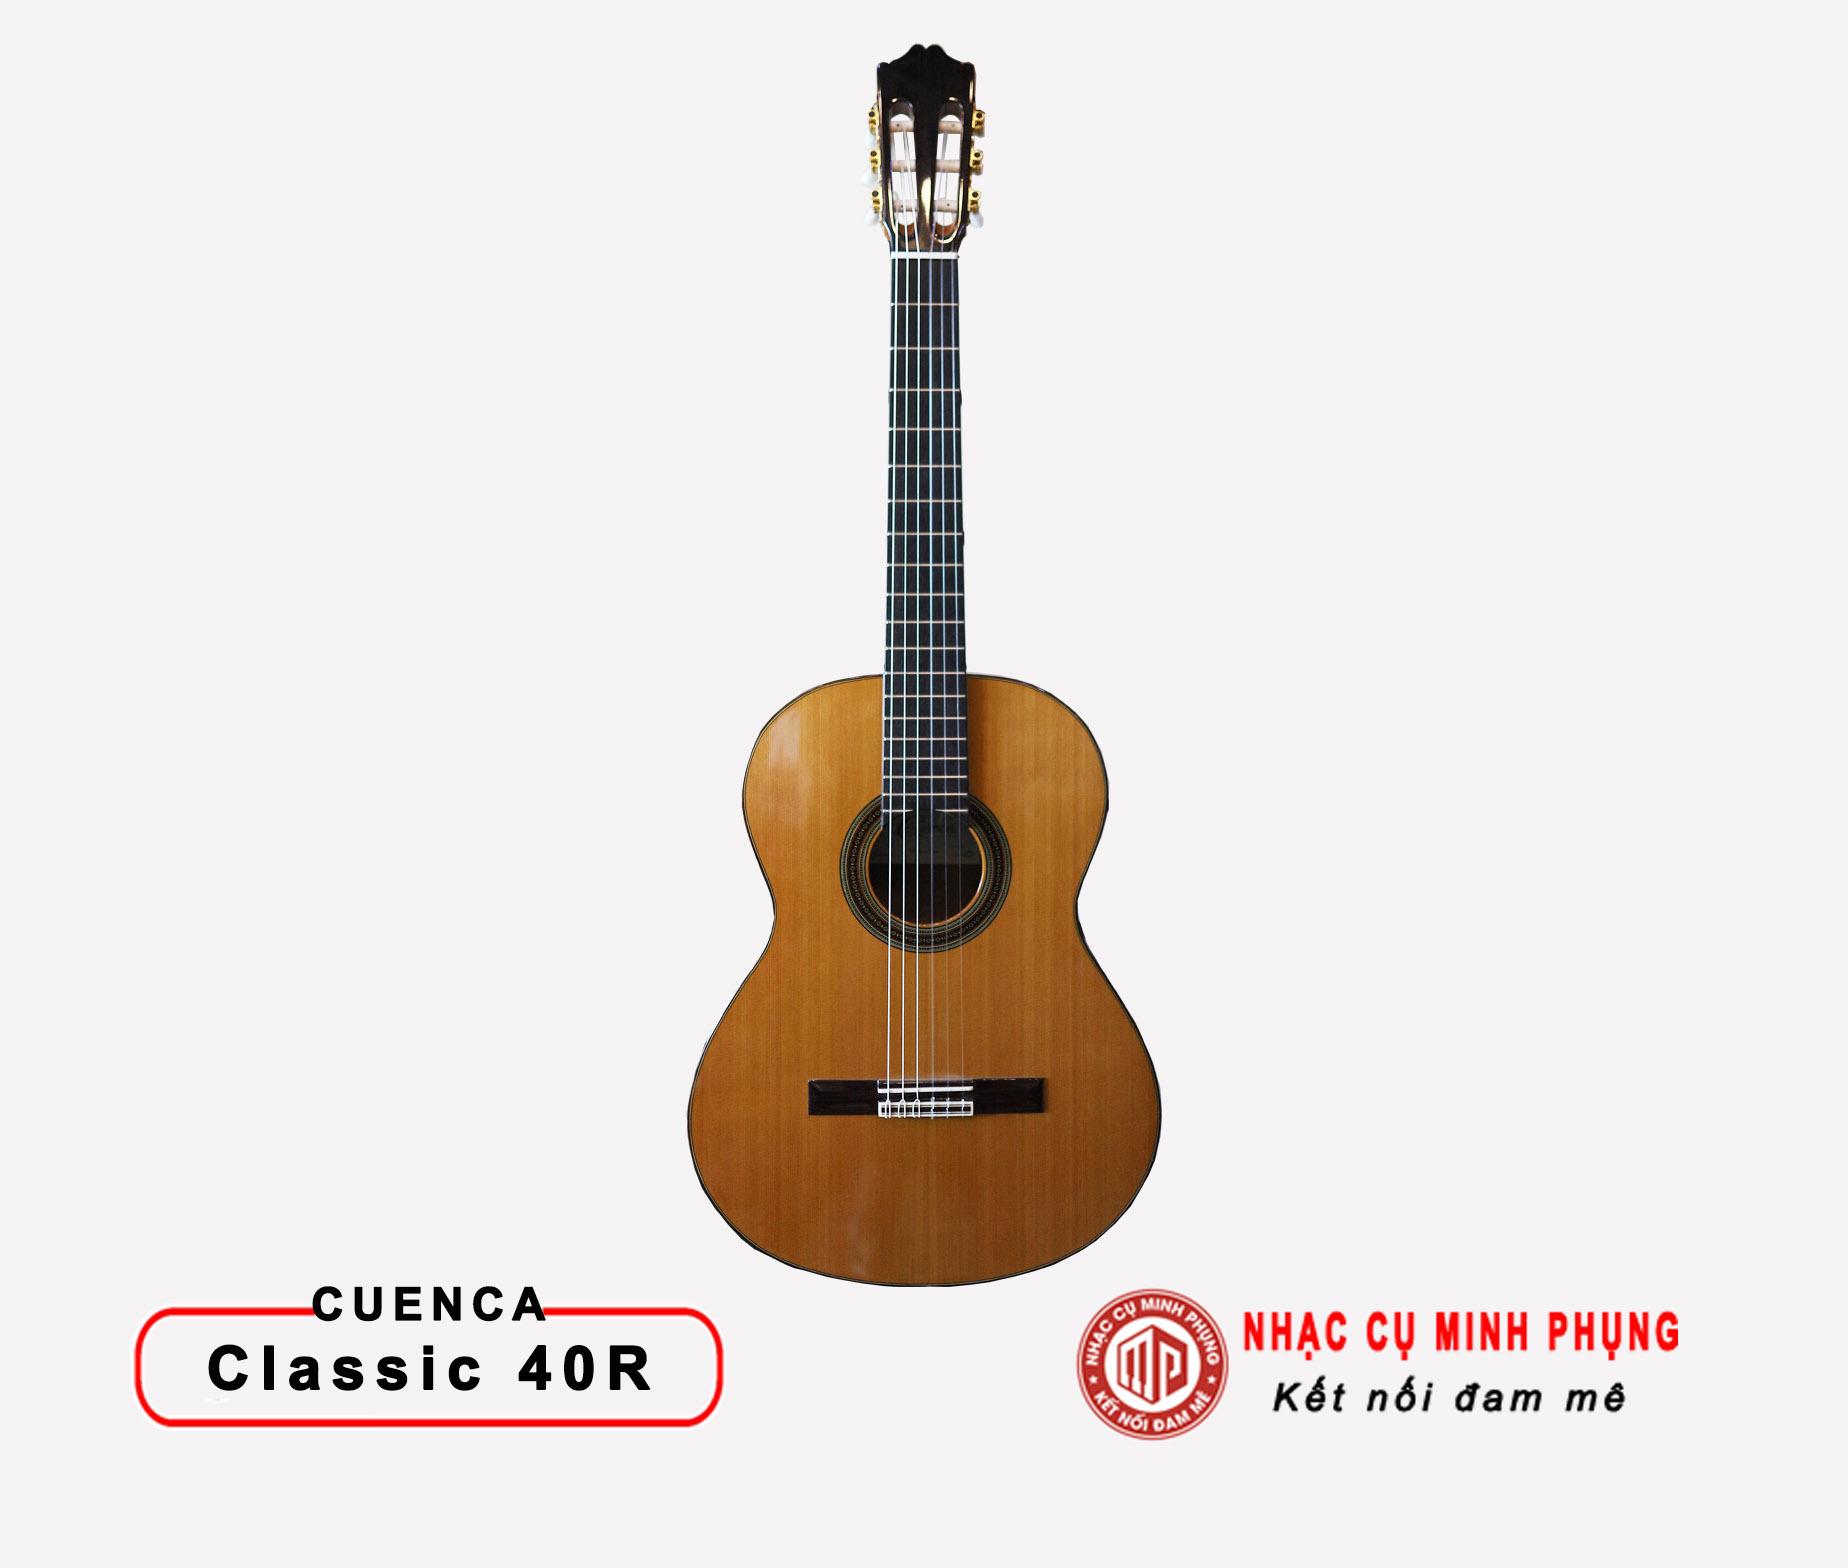 dan-guitar-classic-cuenca_40r